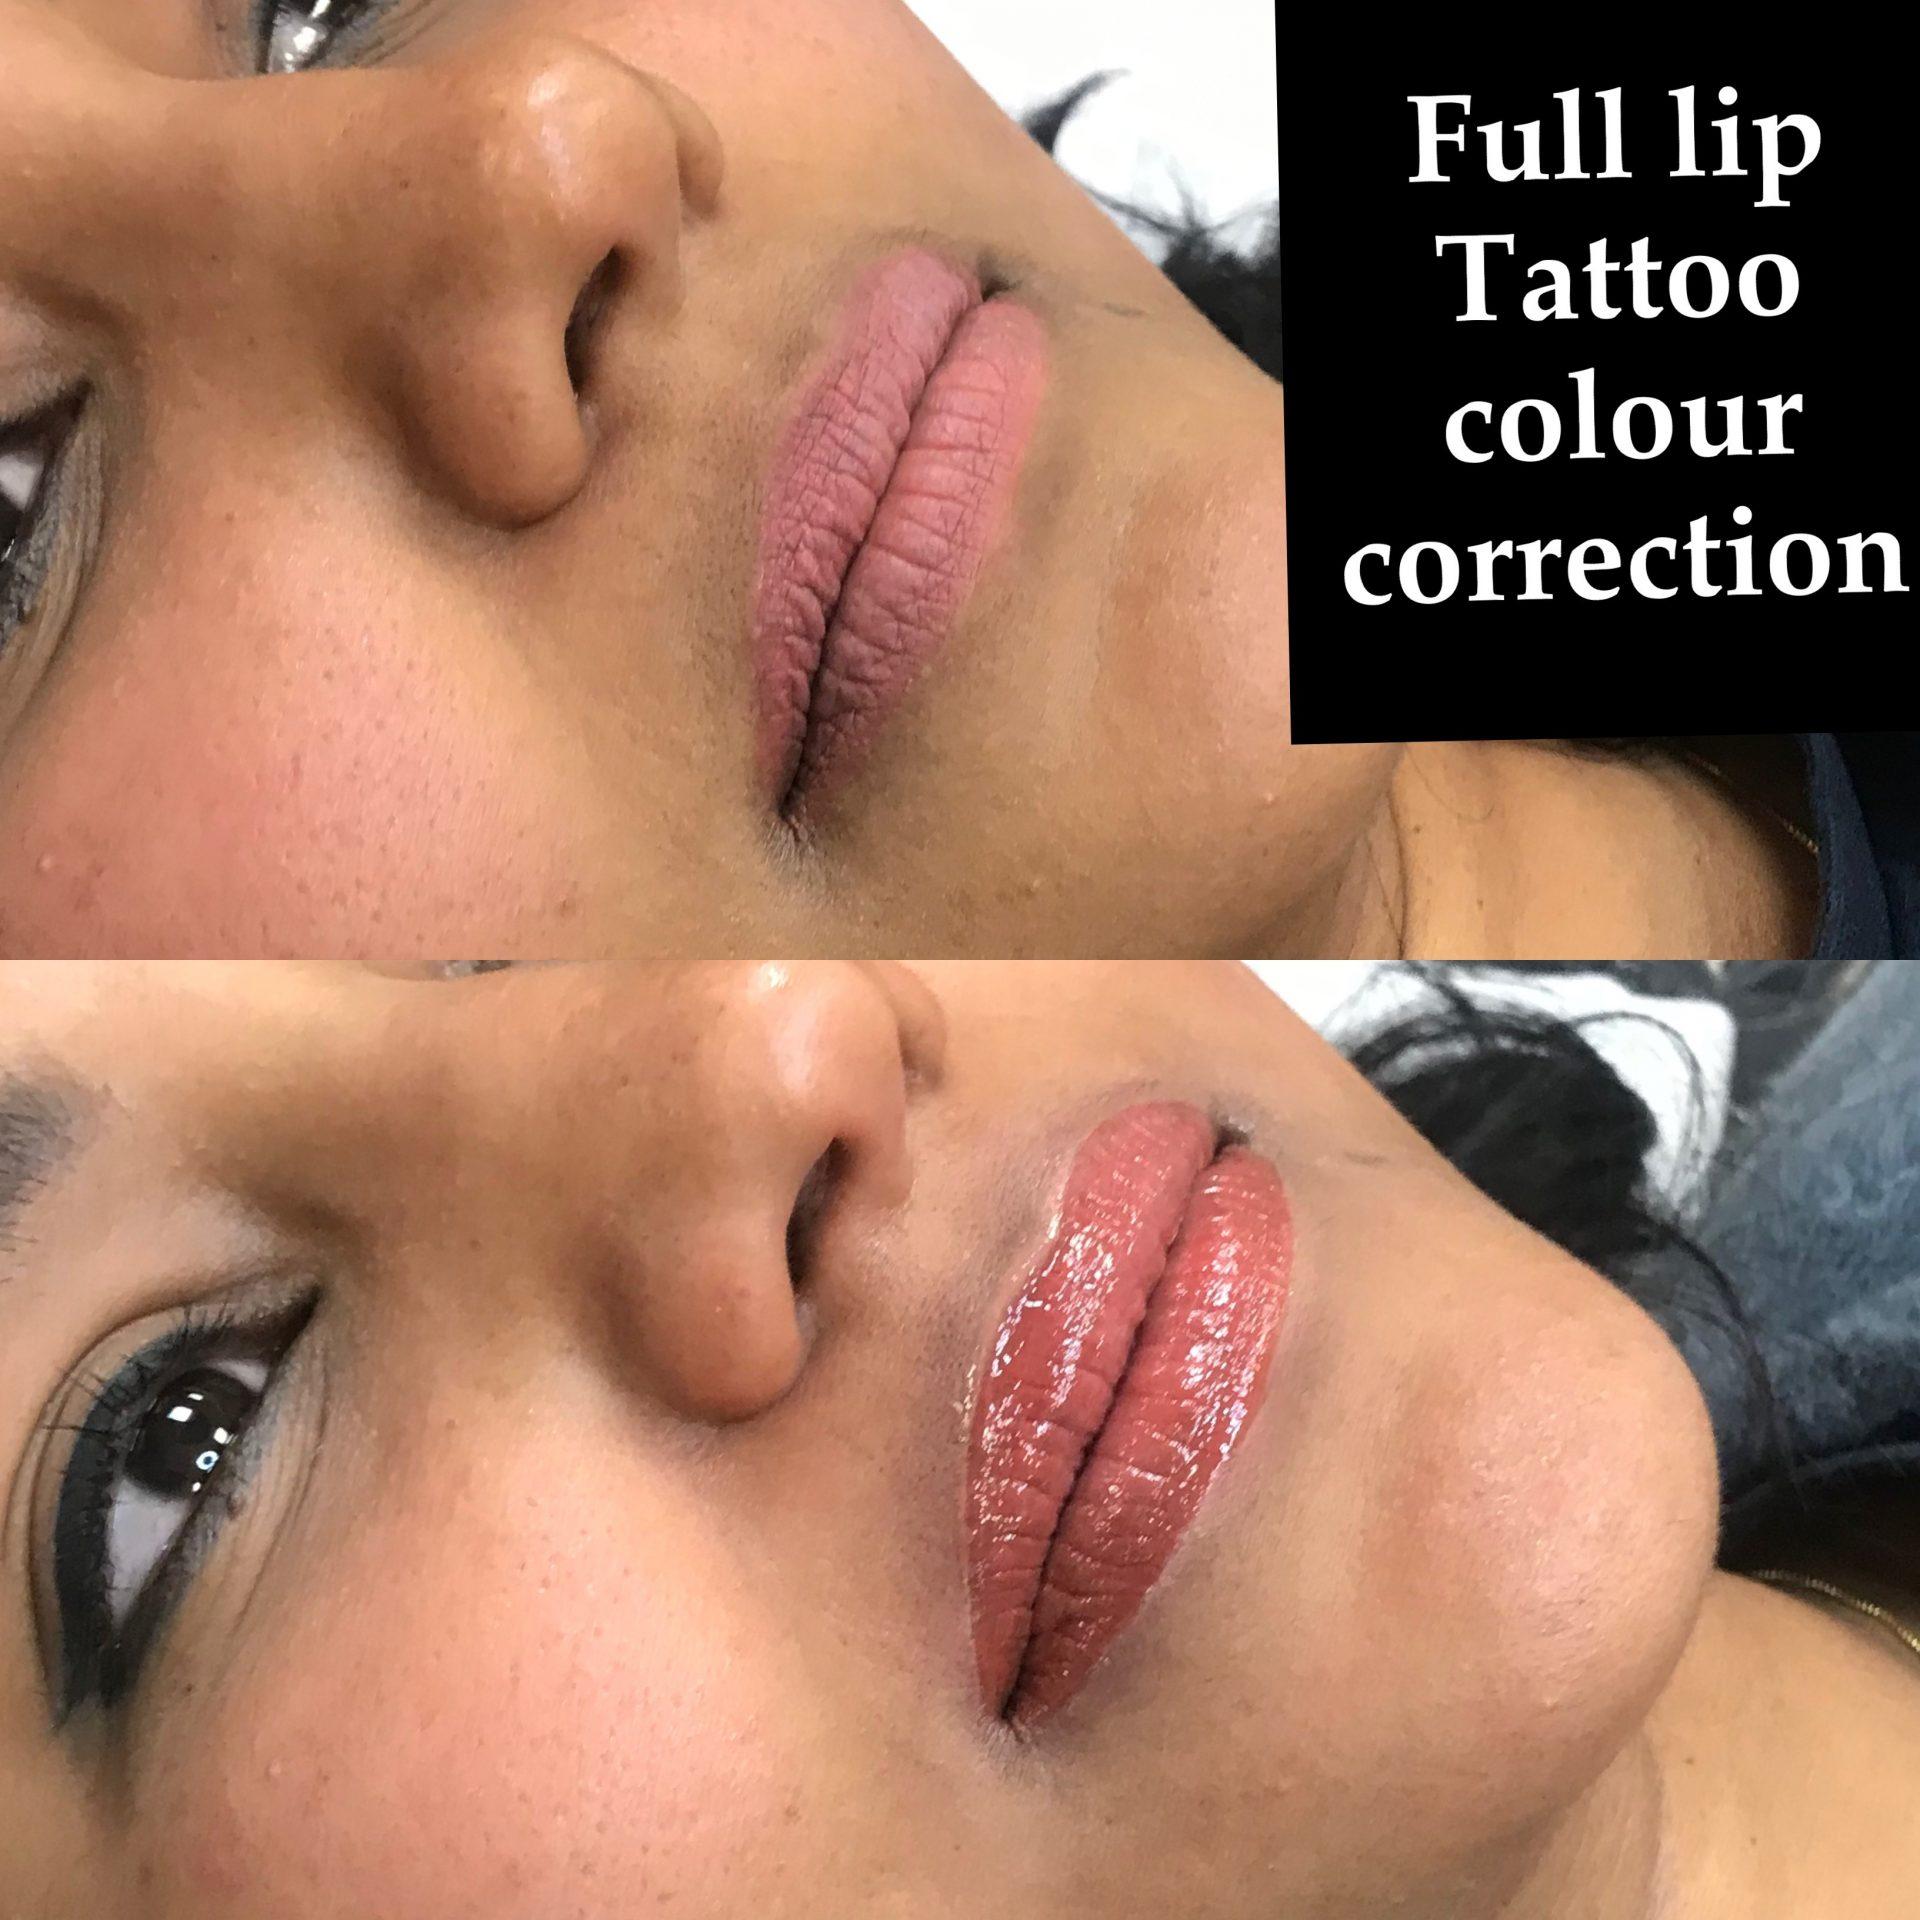 full-lip-tattoo